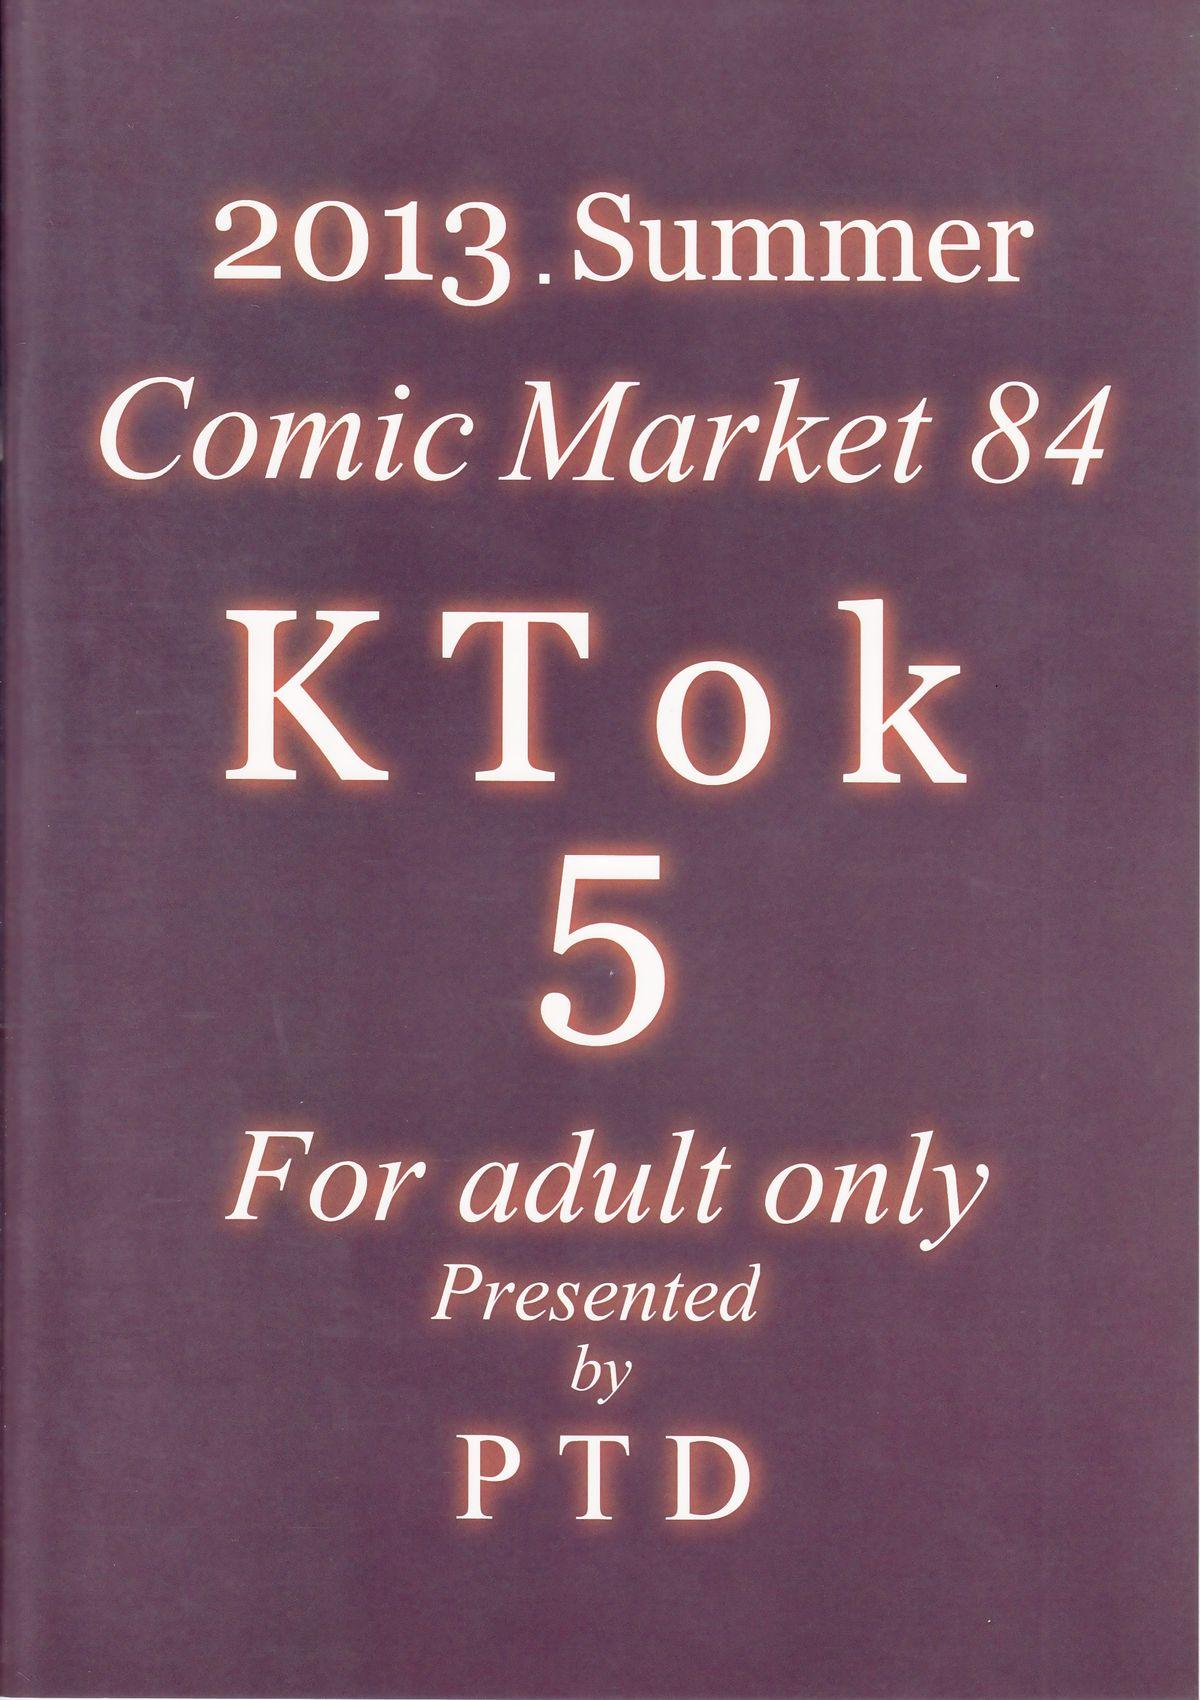 KTok 5 24